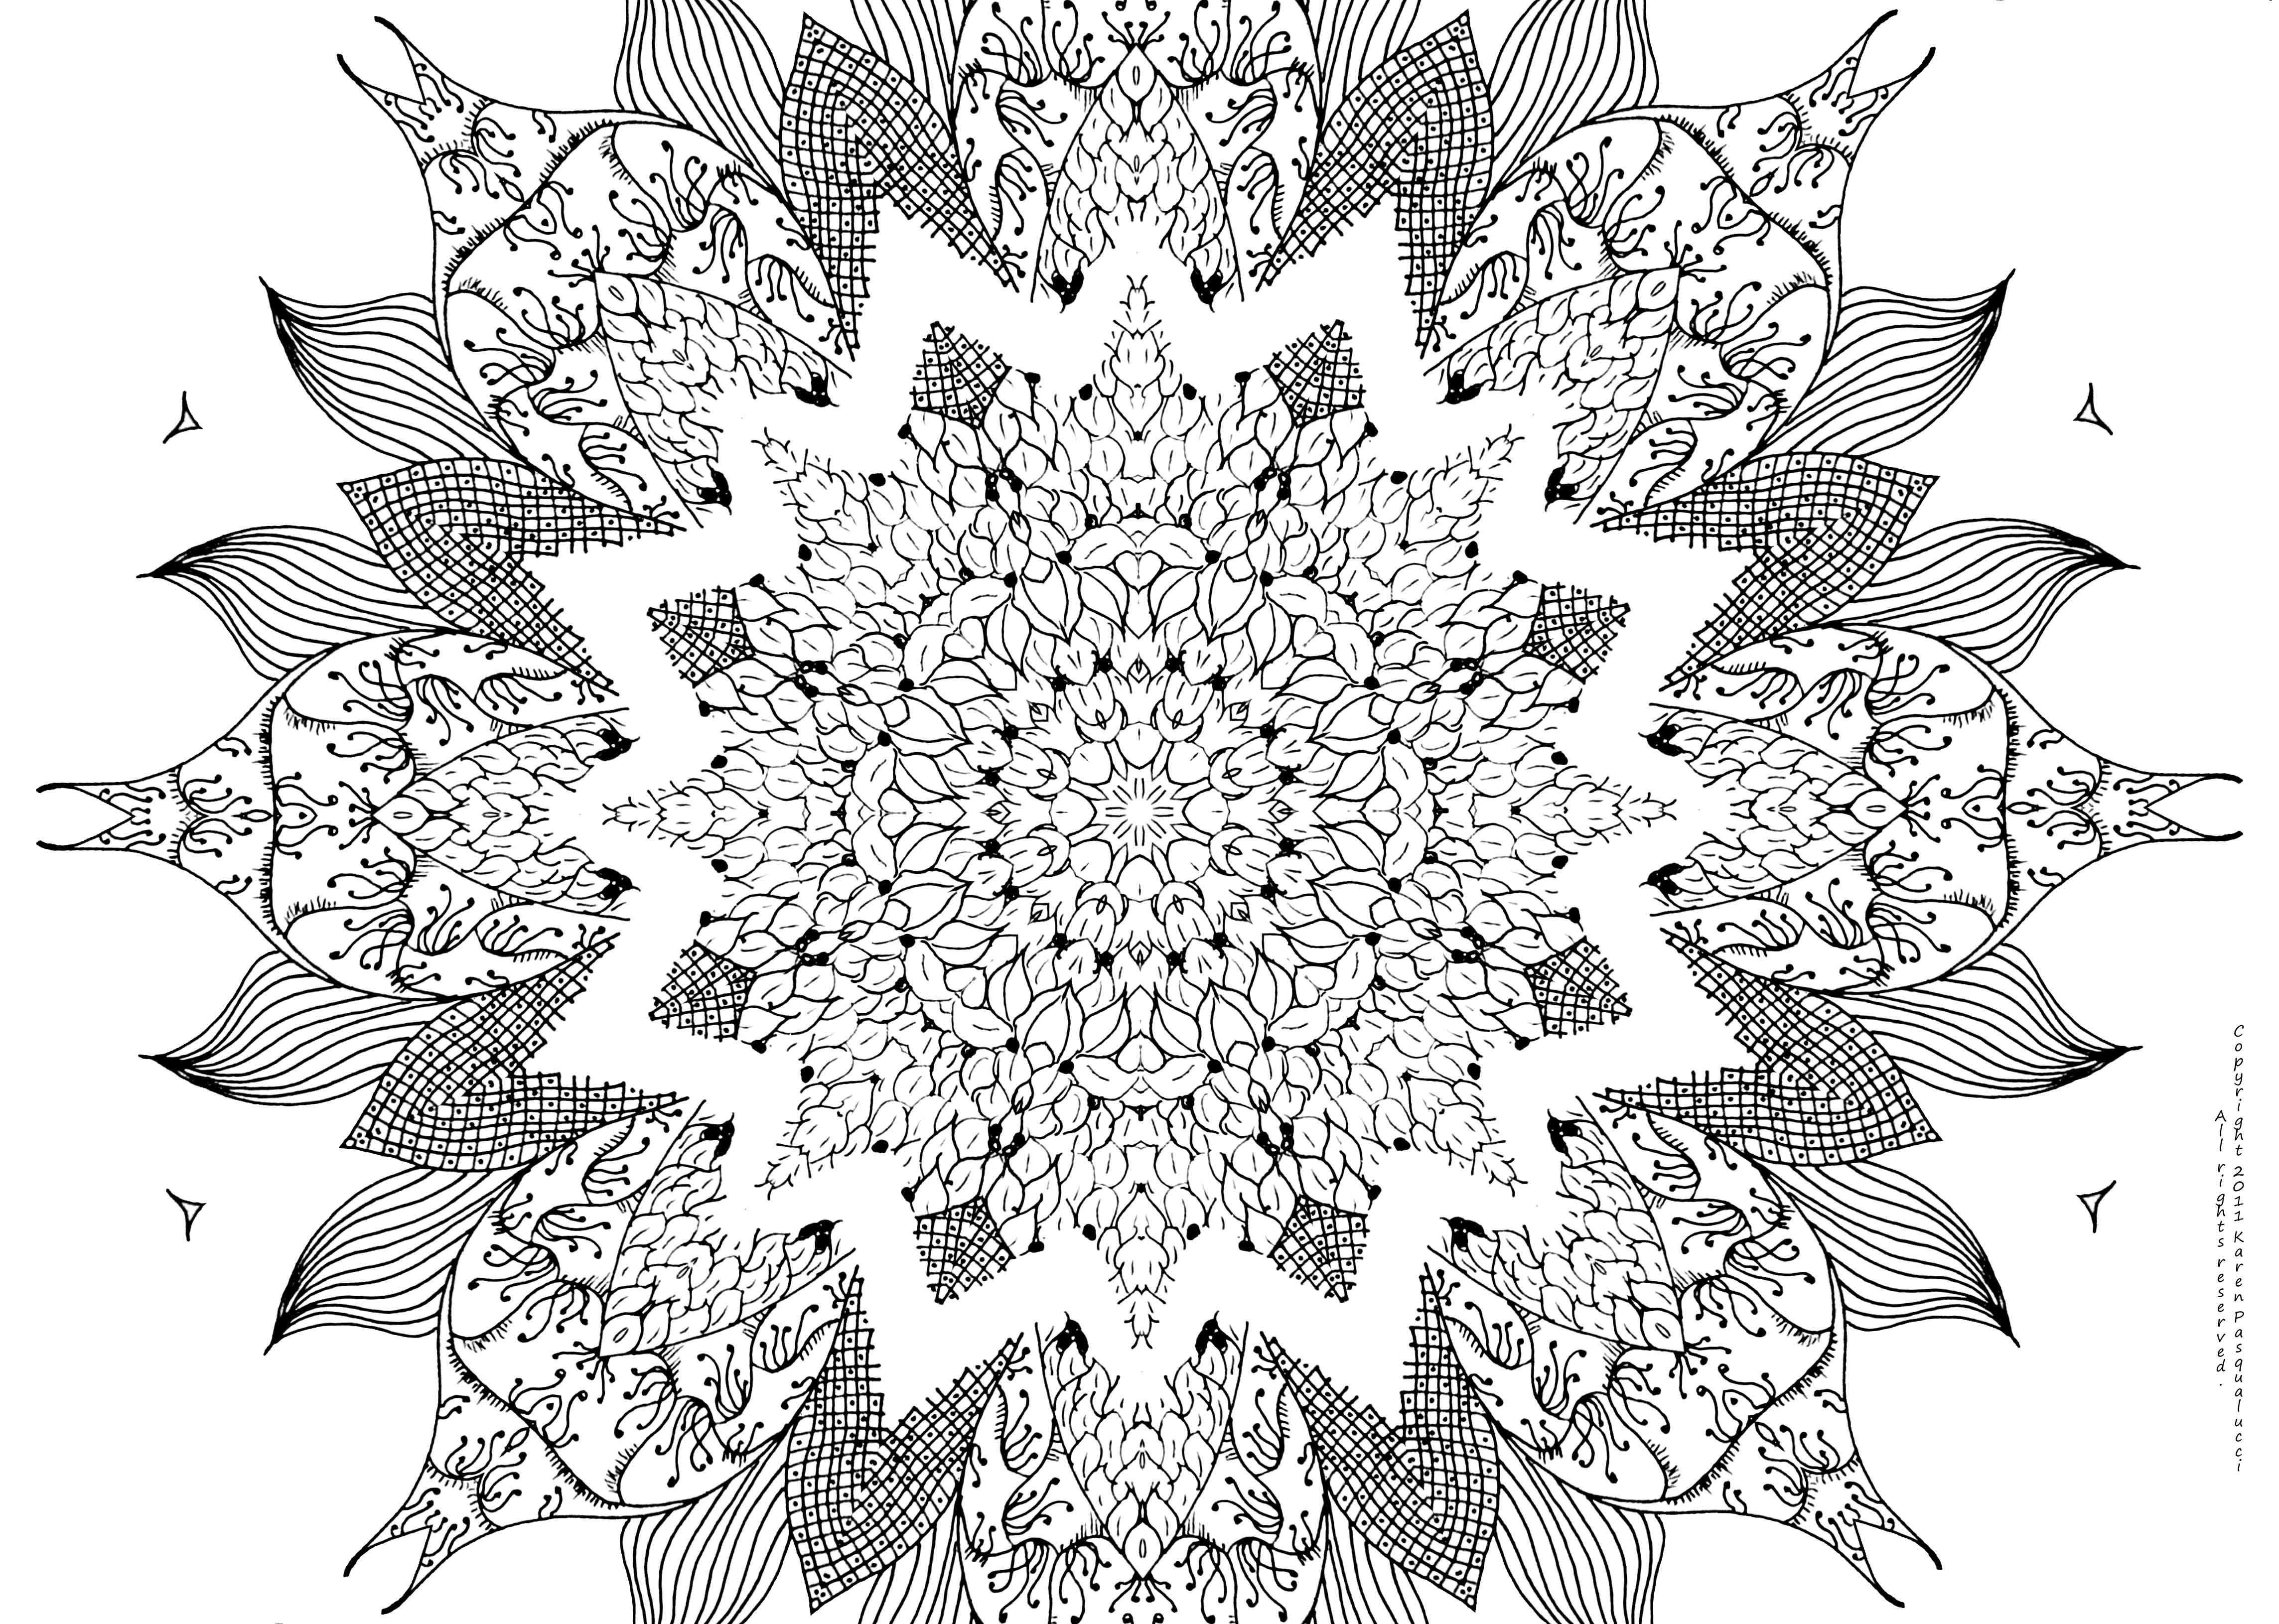 Girly Mandala Coloring Pages Big Mandala Coloring Pages Coloring Abstract Coloring Pages Mandala Coloring Pages Mandala Coloring